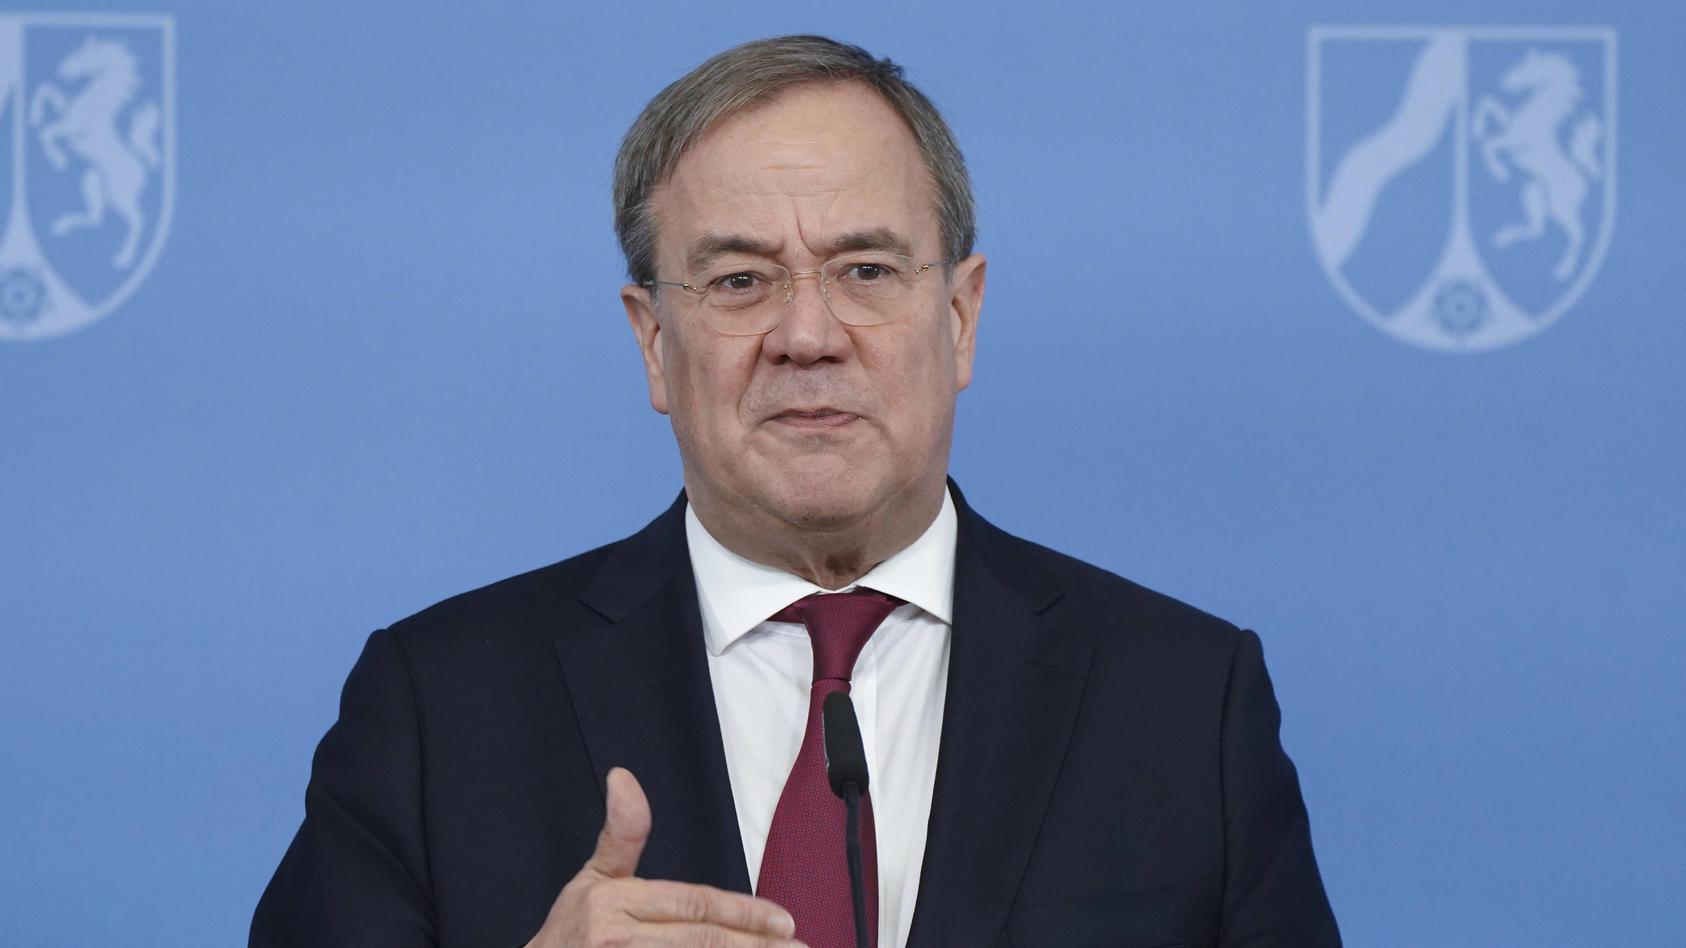 armin-laschet-war-seit-2017-ministerprasident-des-landes-nordrhein-westfalen